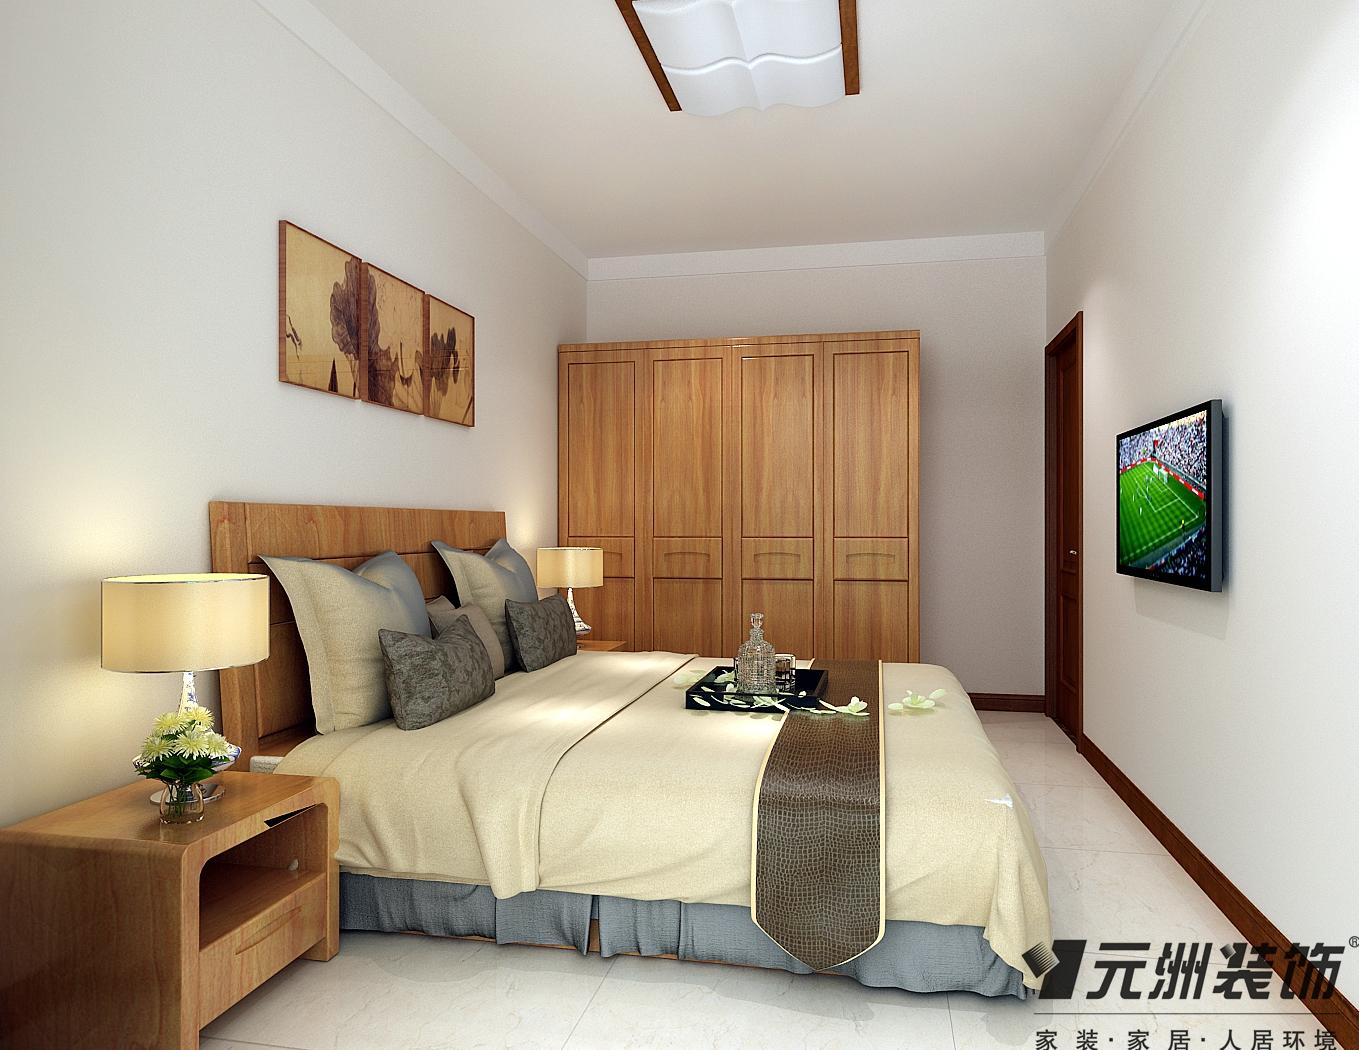 新中式风格 元洲装饰 卧室图片来自石家庄-小程在瑞城168平米新中式风格效果图的分享